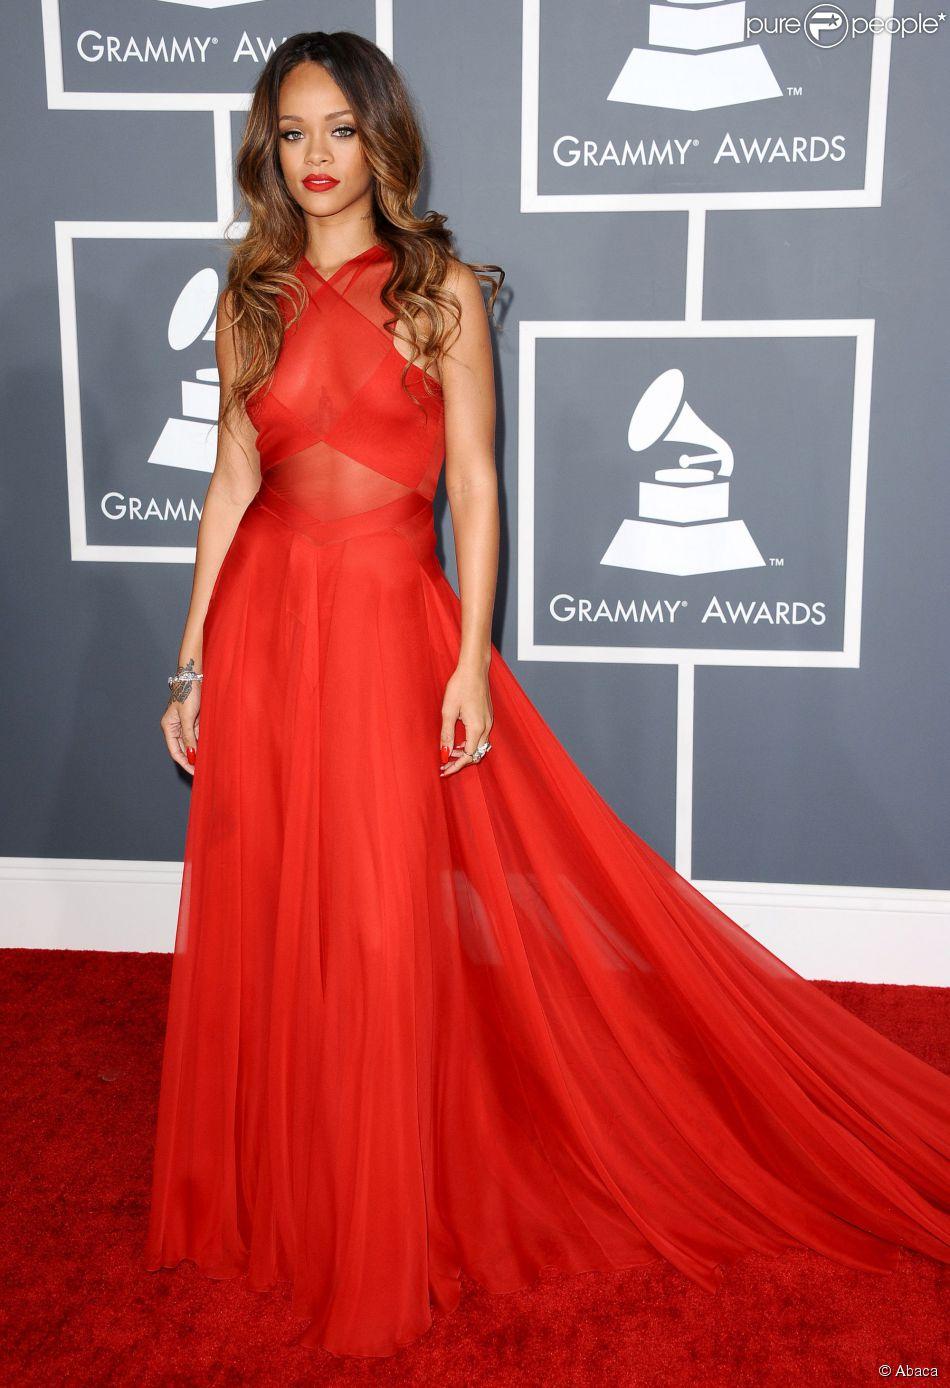 667a788abc Rihanna arrasa com um vestido vermelho da grife Alaia no Grammy Awards 2013